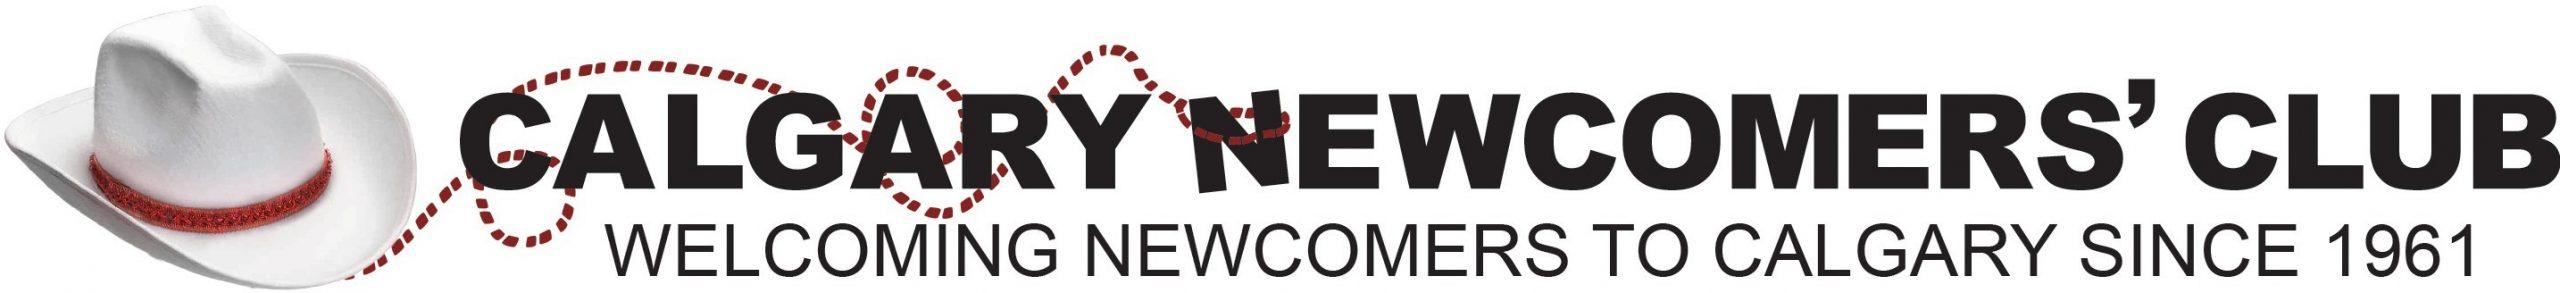 cnc-logo-1